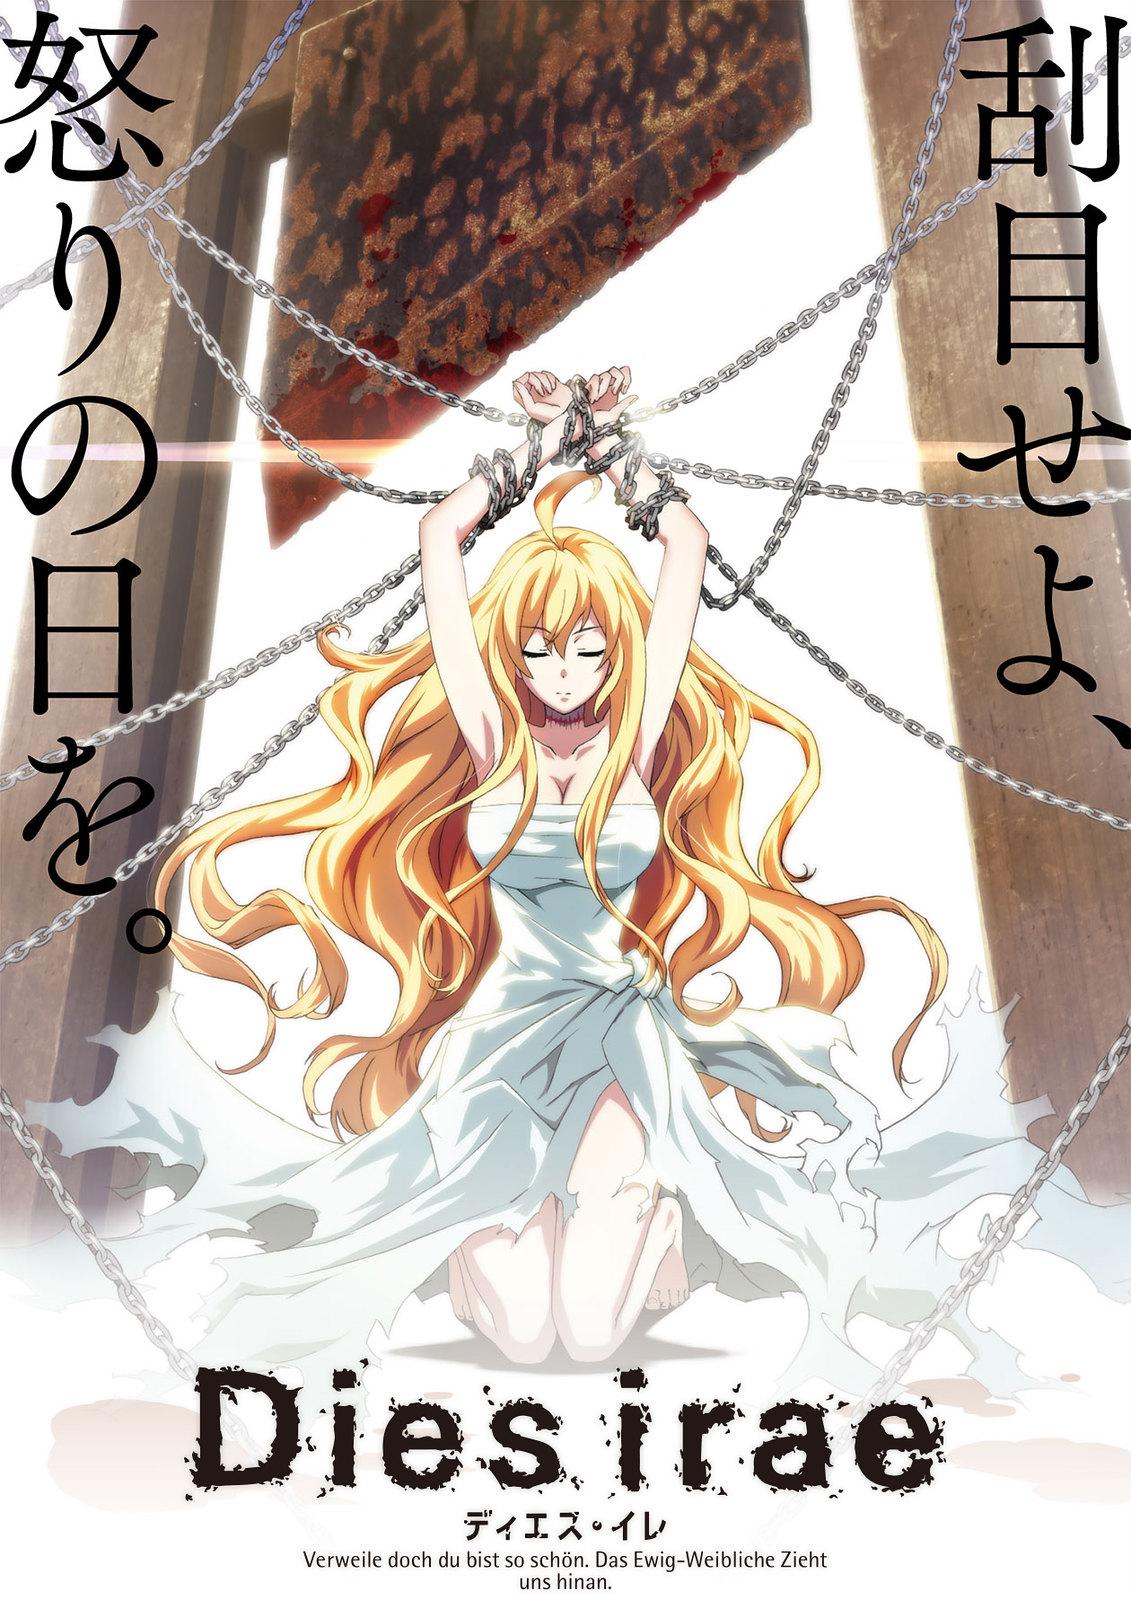 170809(1) – 日本群眾募資史上最高額『9656萬日圓』18禁遊戲改編動畫《Dies irae》宣布10/6堂堂首播!